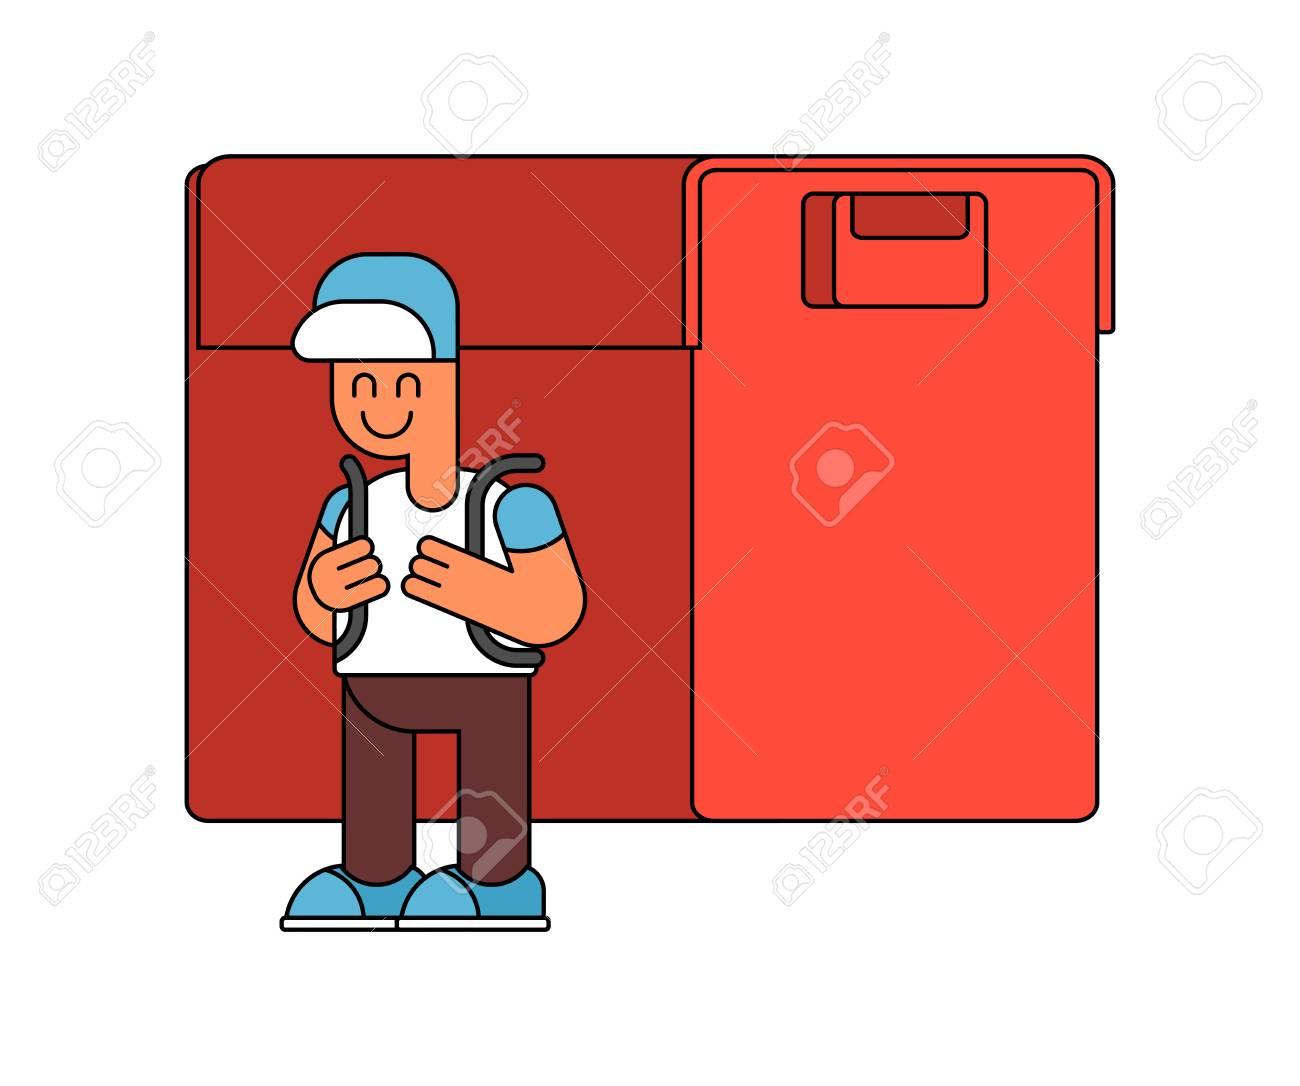 e7d41d65f9 Banque d'images - Retour à l'école. Garçon et grand sac à main.  Illustration pour le 1er septembre. Écolier va à l'école avec des sacs à dos